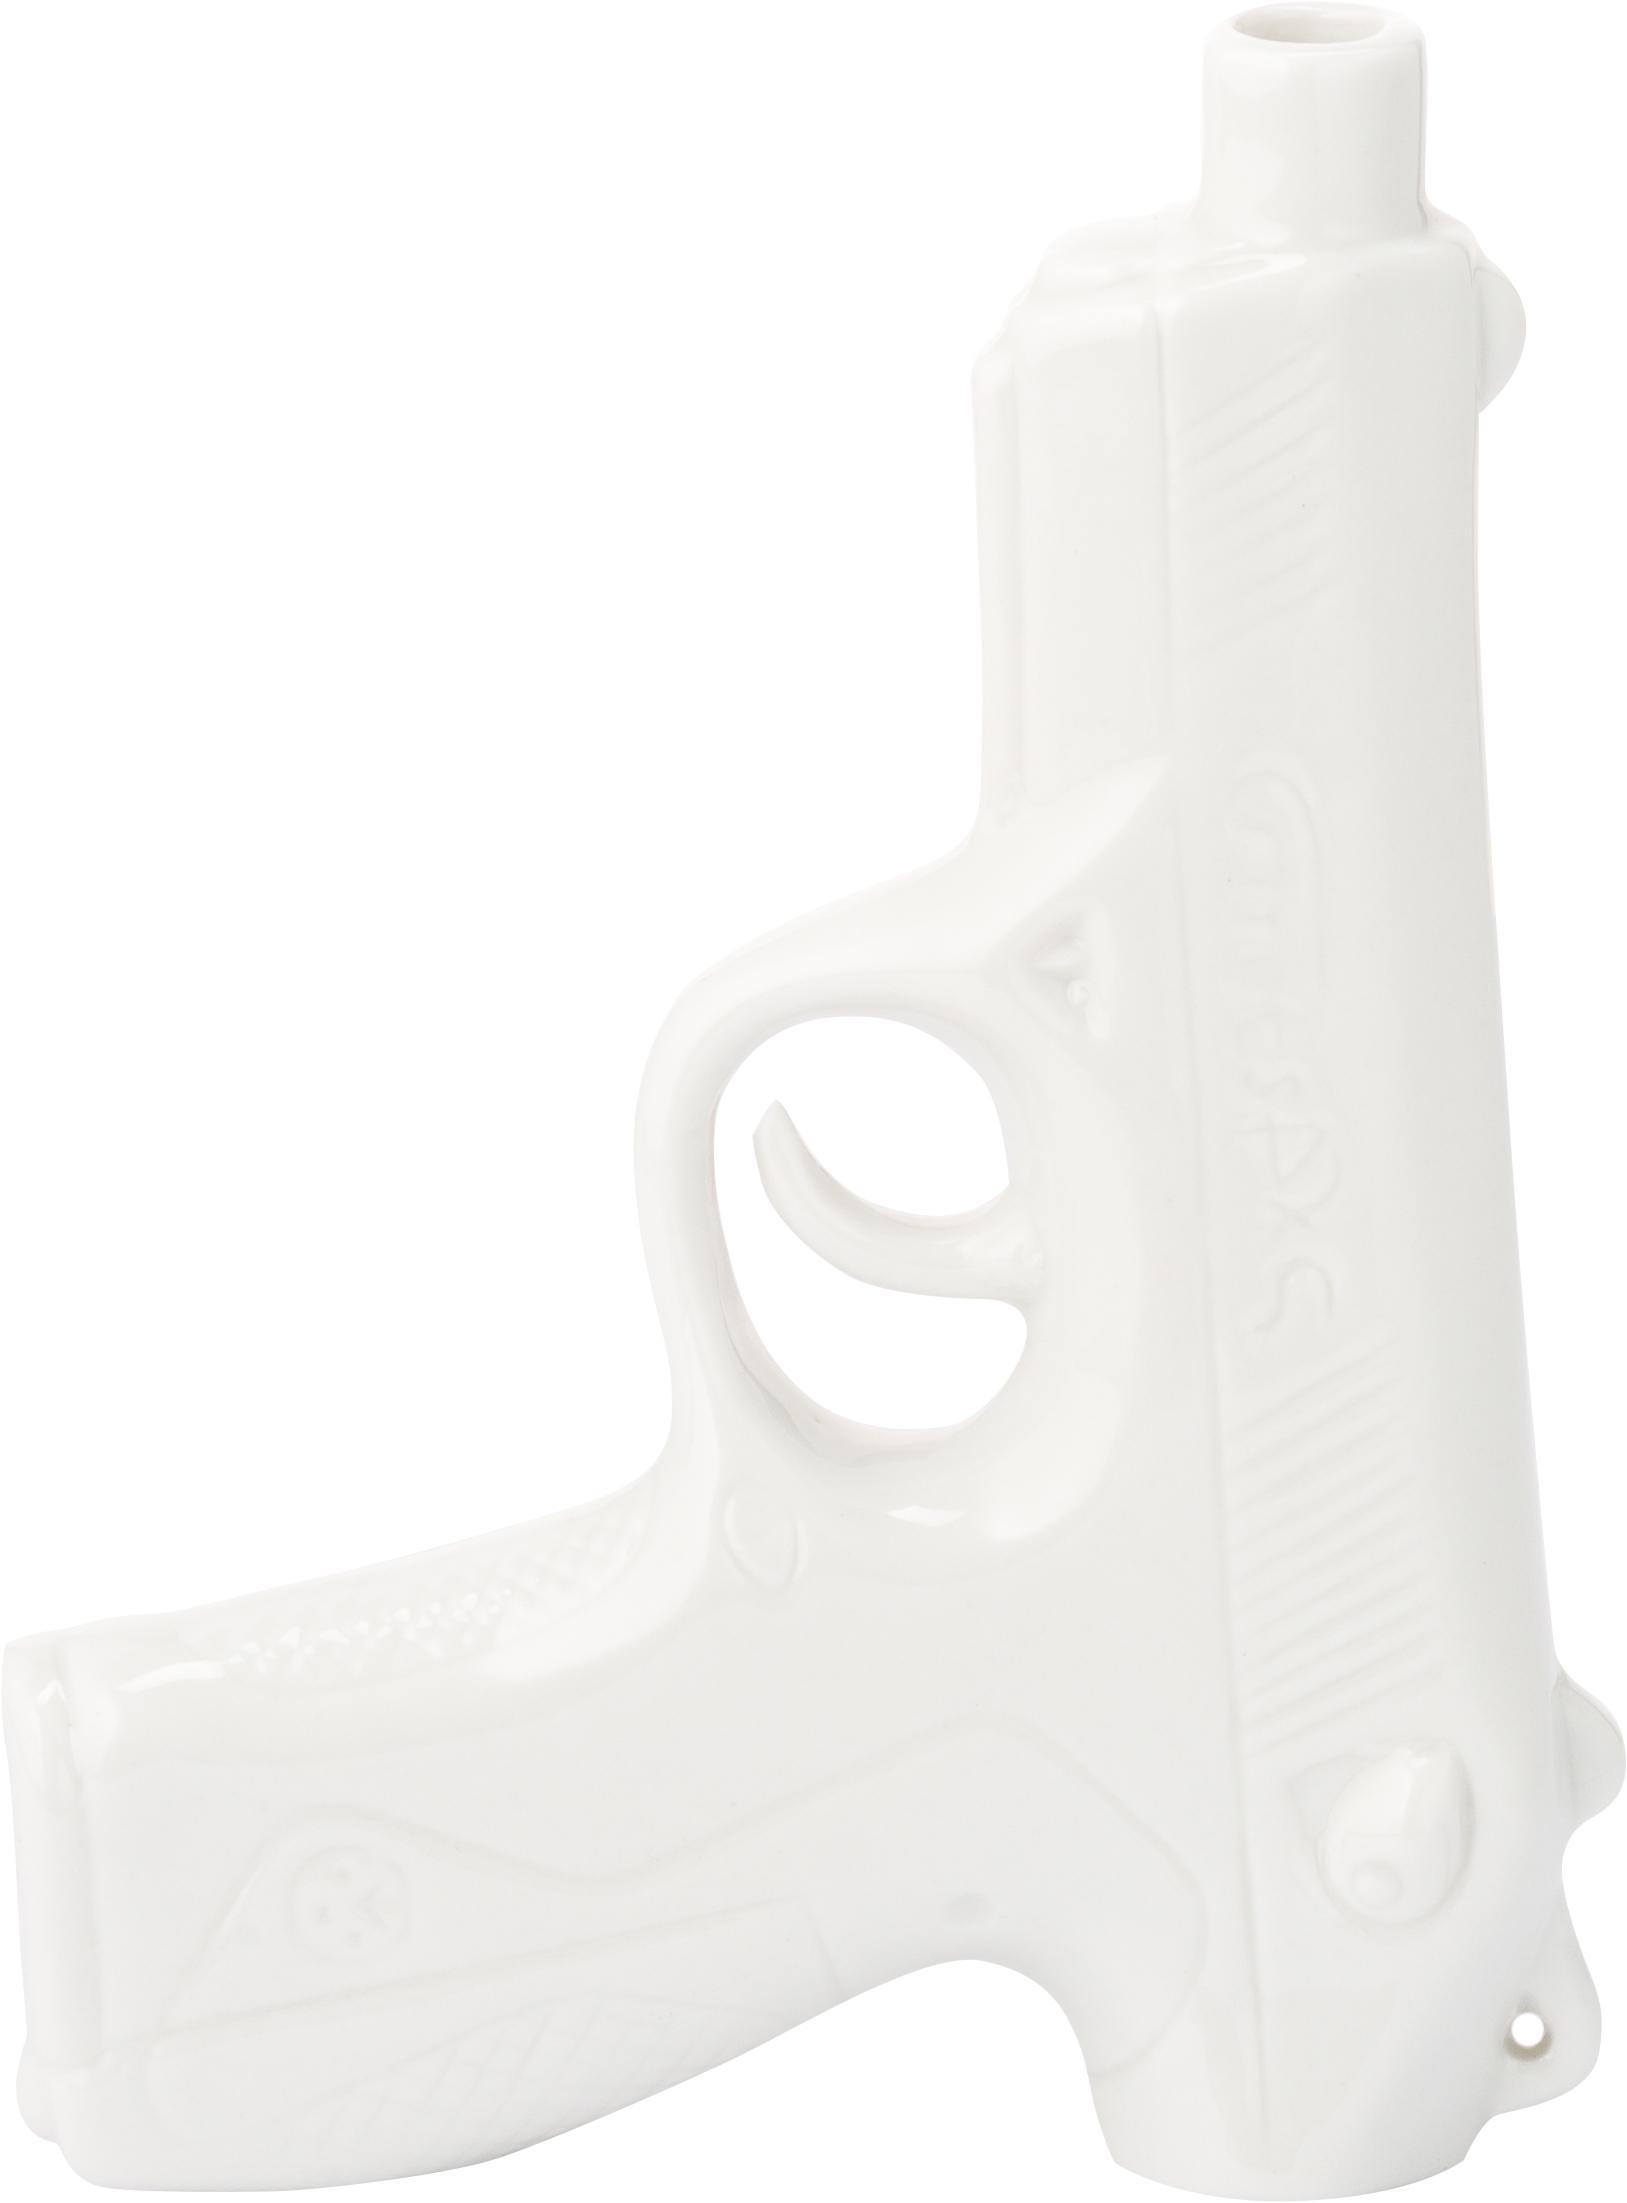 Kleine Porzellan-Vase Gun, Porzellan, glasiert, Weiß, 12 x 17 cm